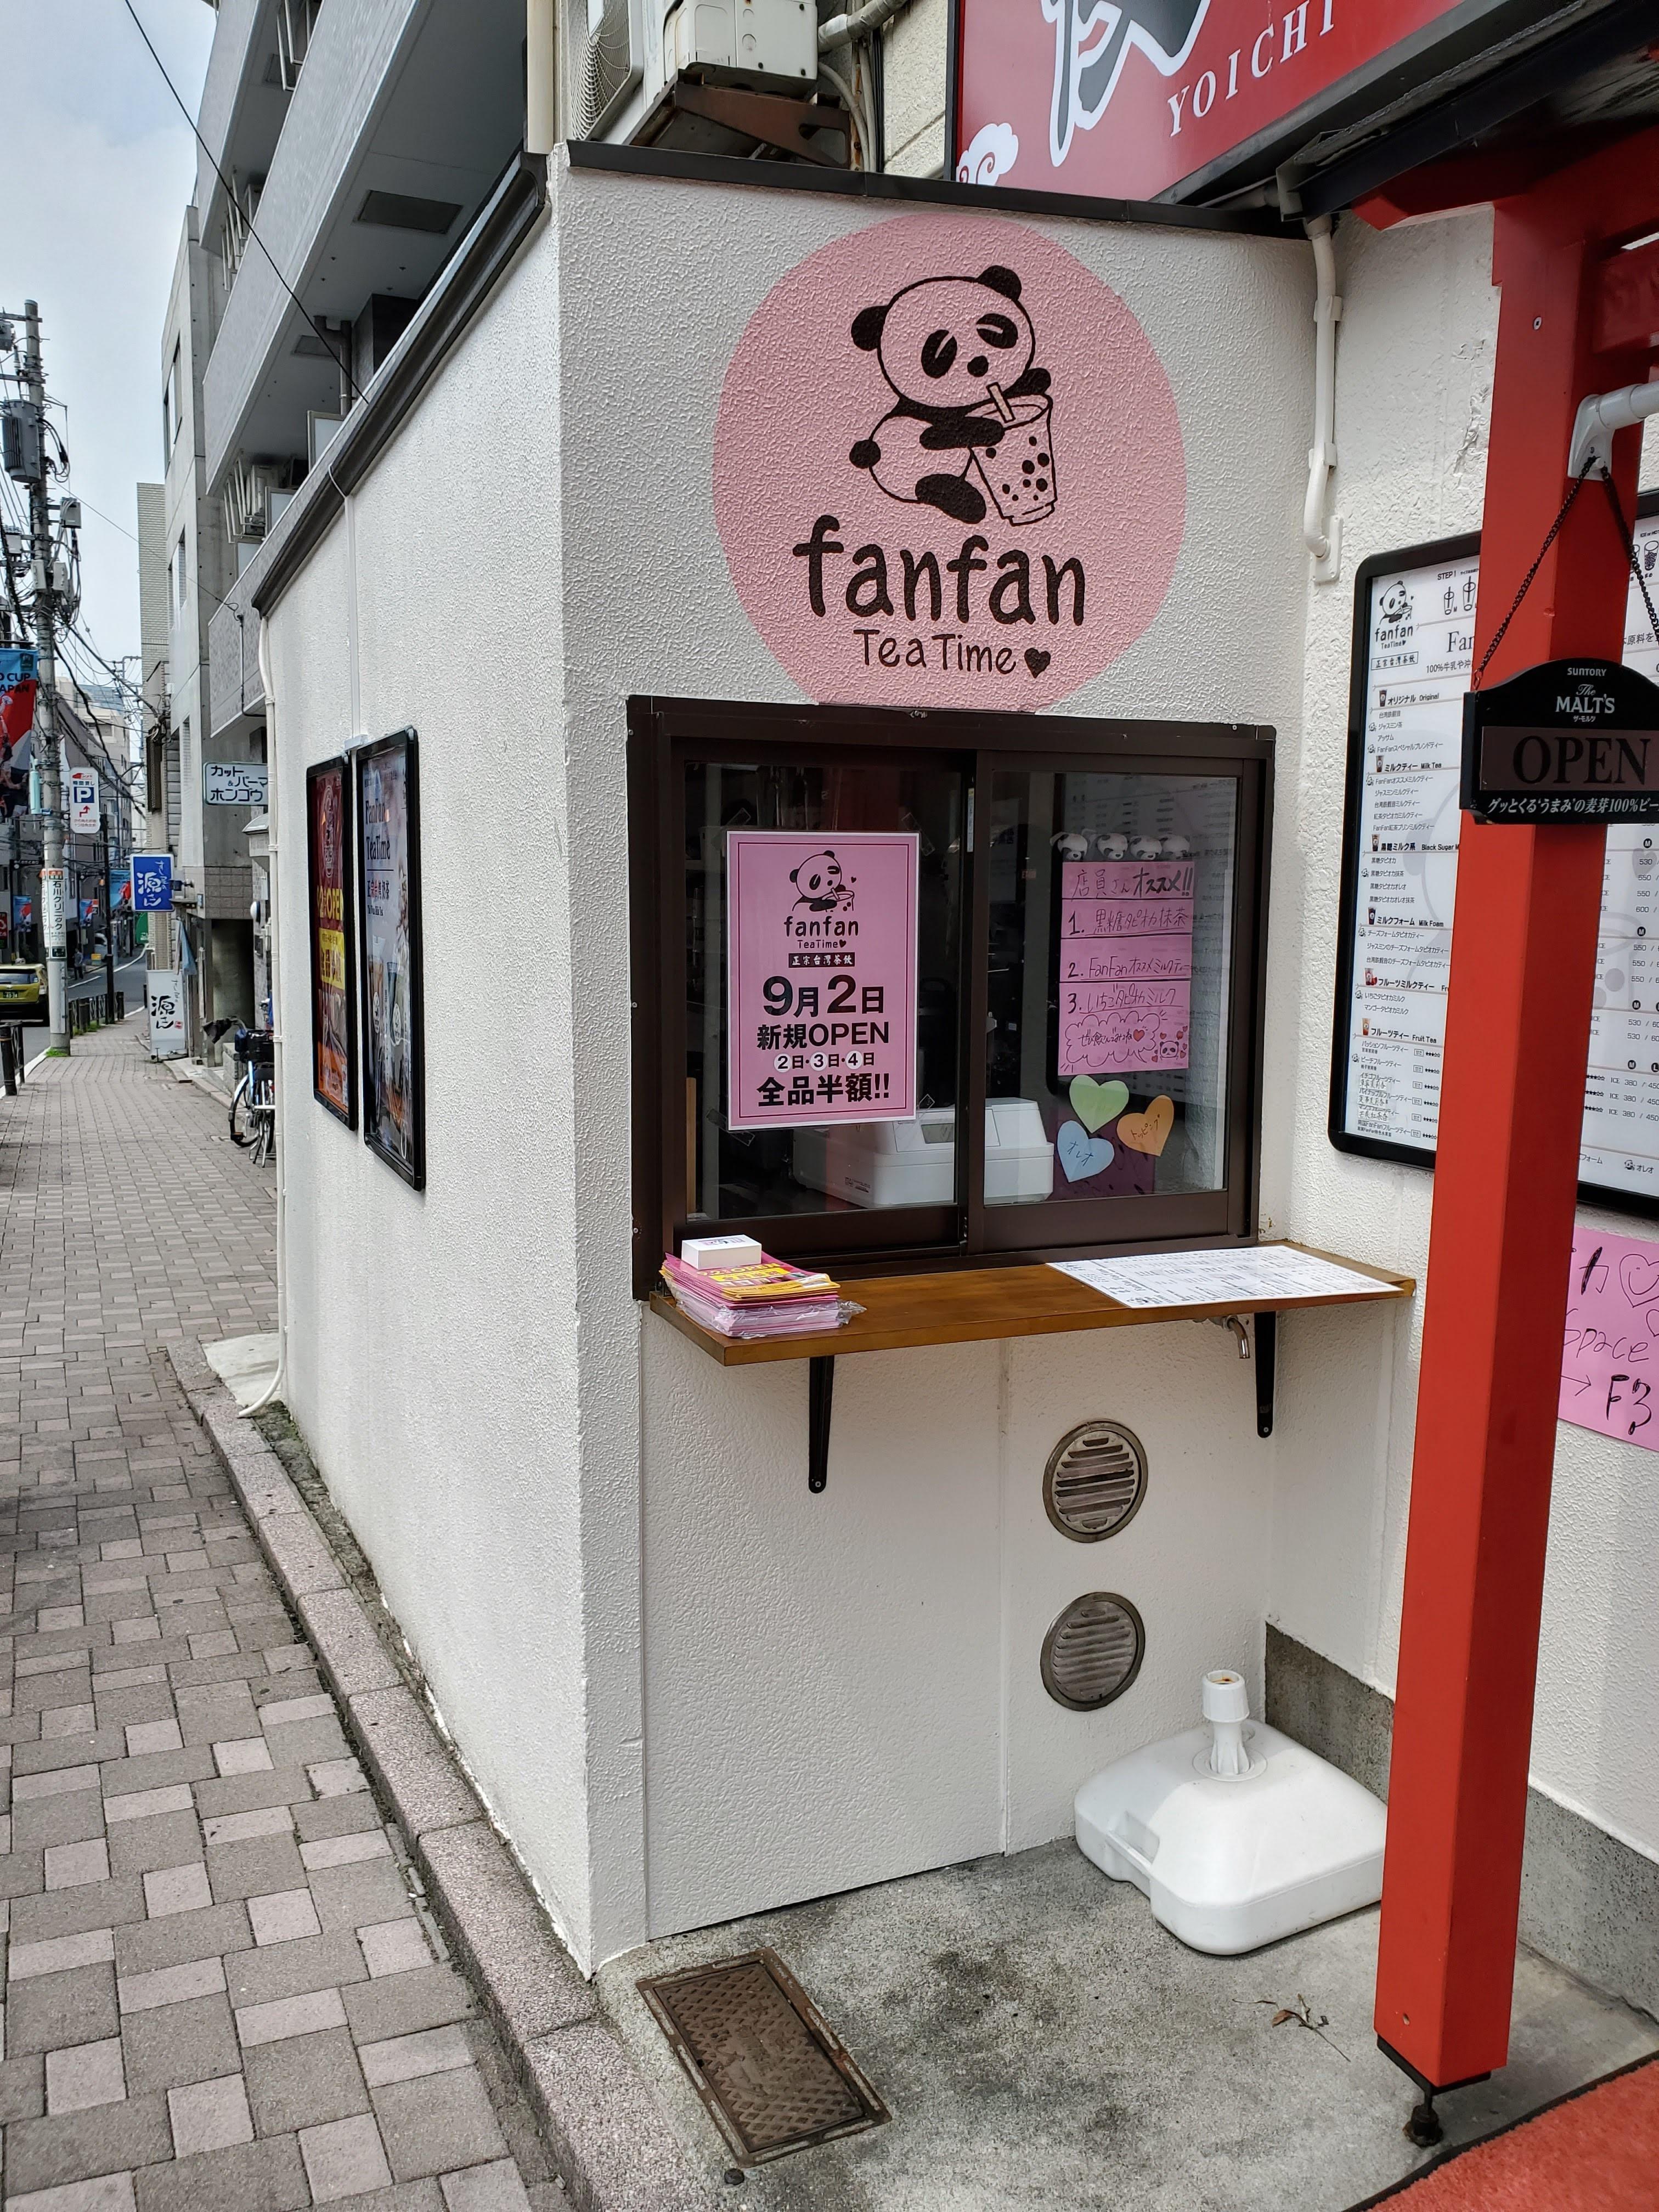 タピオカ専門店「fanfan Tea Time 本郷三丁目店」がオープン、いろんな機種でタピオカドリンクを撮って見た